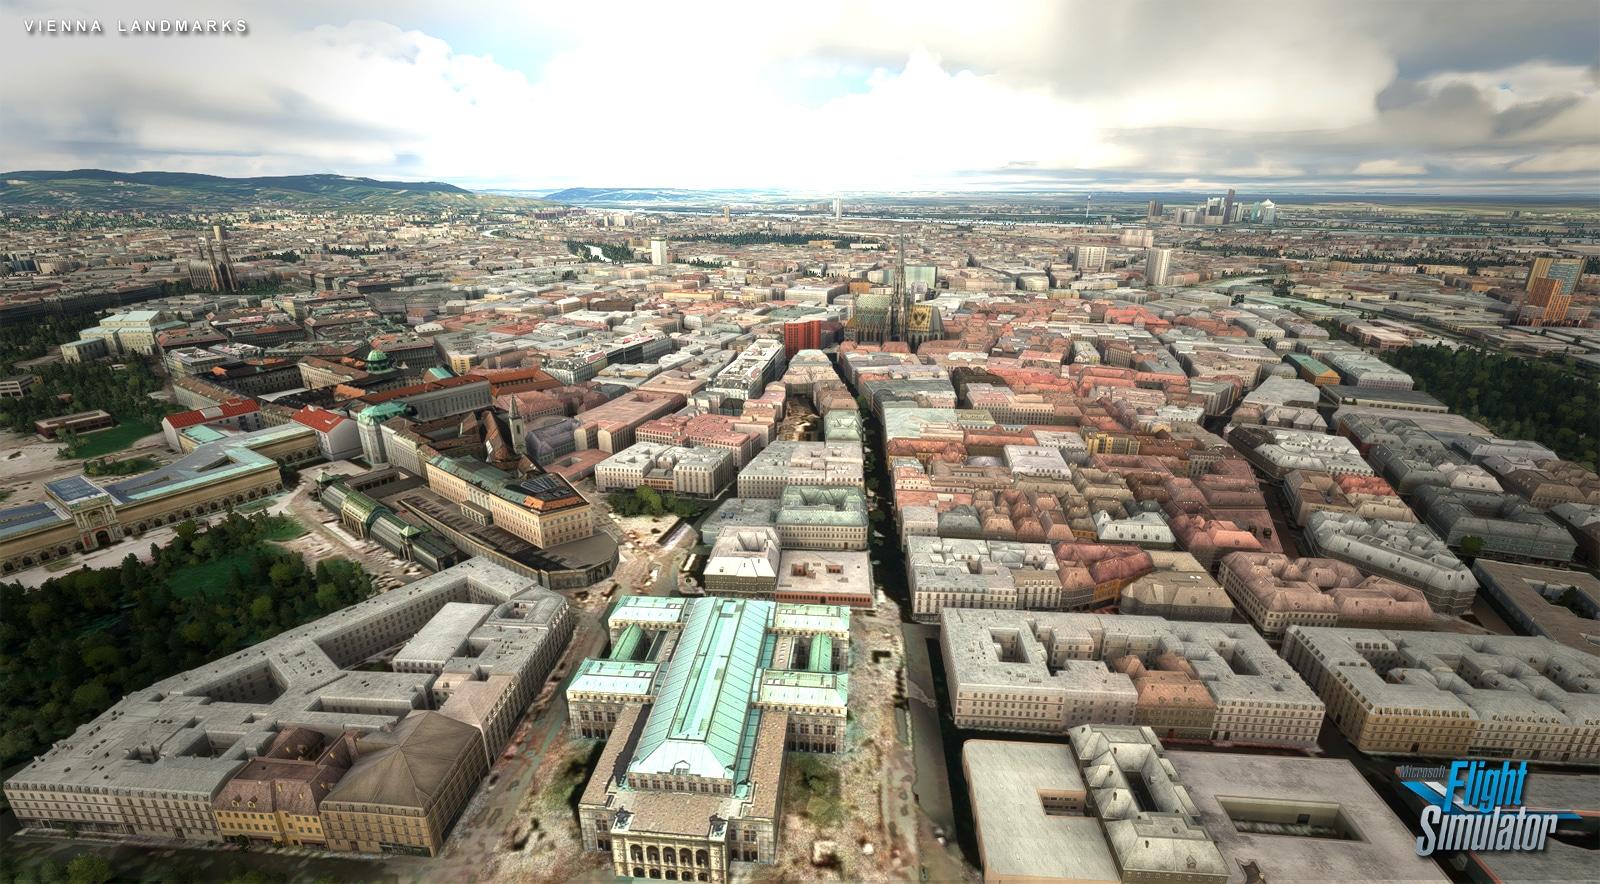 Prealsoft – Vienna Landmarks MSFS